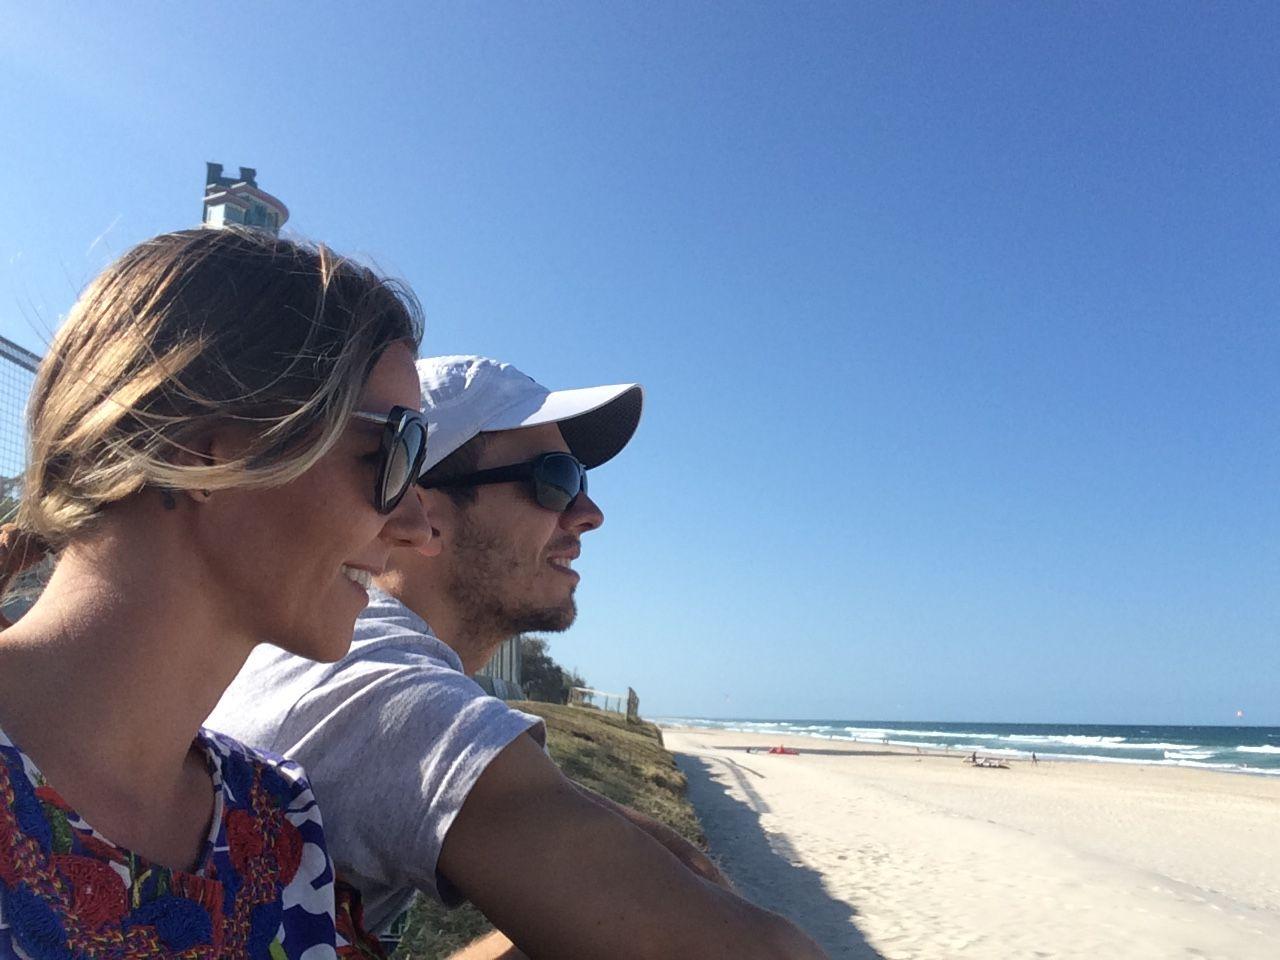 Tem como curtir a praia após o trabalho. Gravamos o VI Episódio do programa #WithLoveFashion e encerramos com um momento de prazer merecido. #YouTube #Fashion #ViajandoNoMundoENaModa #Travel #BrasileirosnaAustralia #Work #beach #Australia #GoldCoast #AussieLife